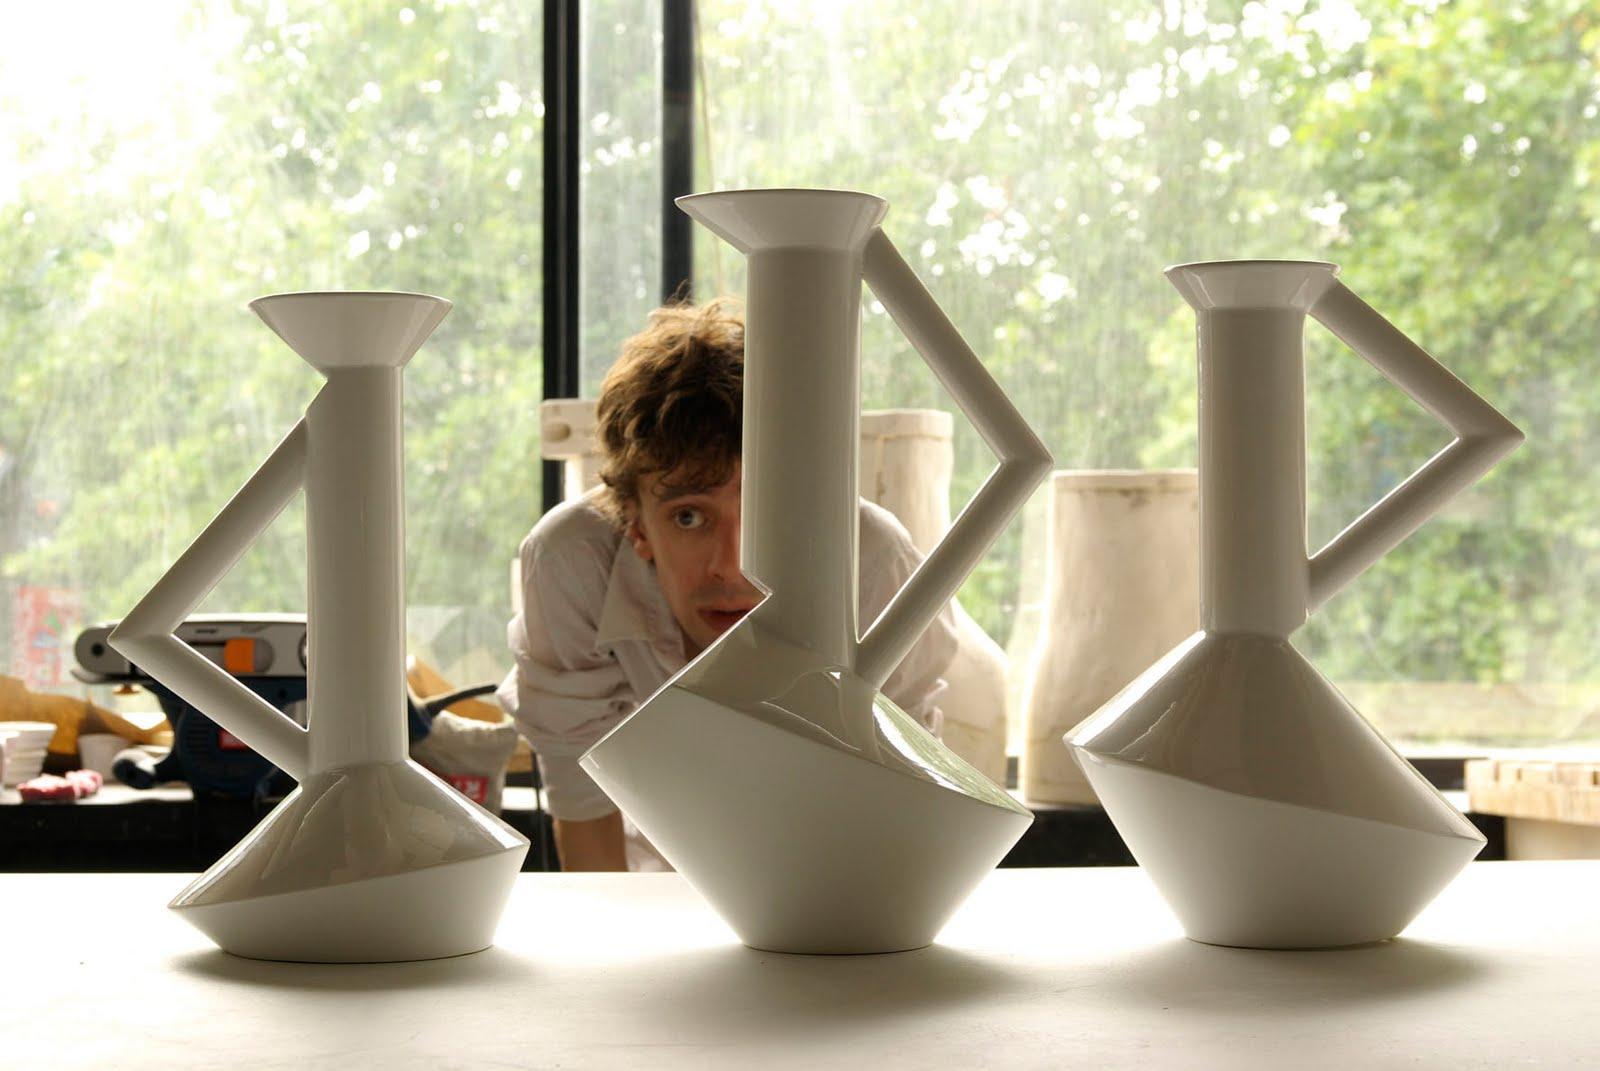 Maison objet 2011 atelier polyhedre prix deco design for Objet deco maison design